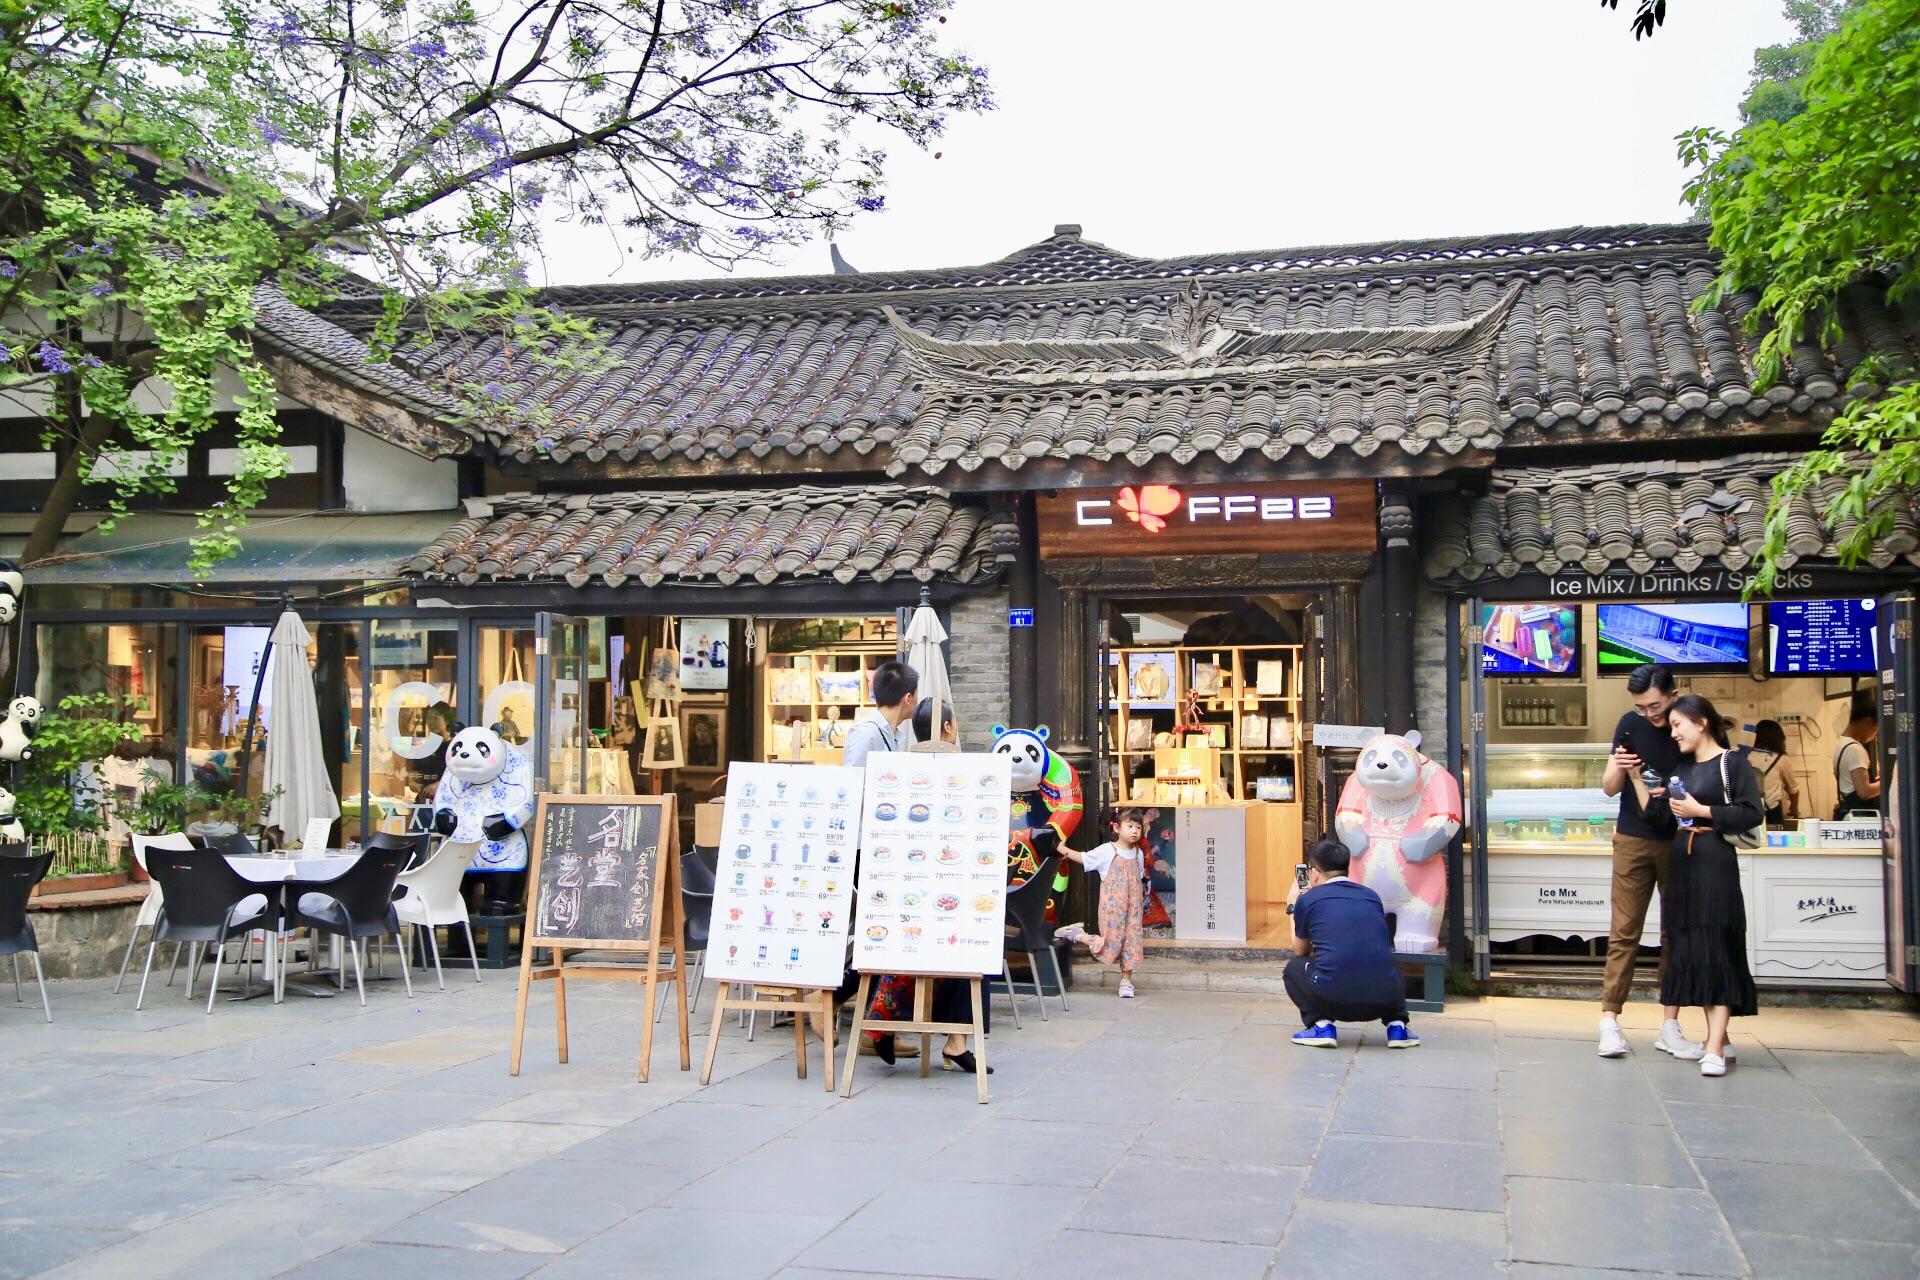 ChengDu Kuanzhai Alley